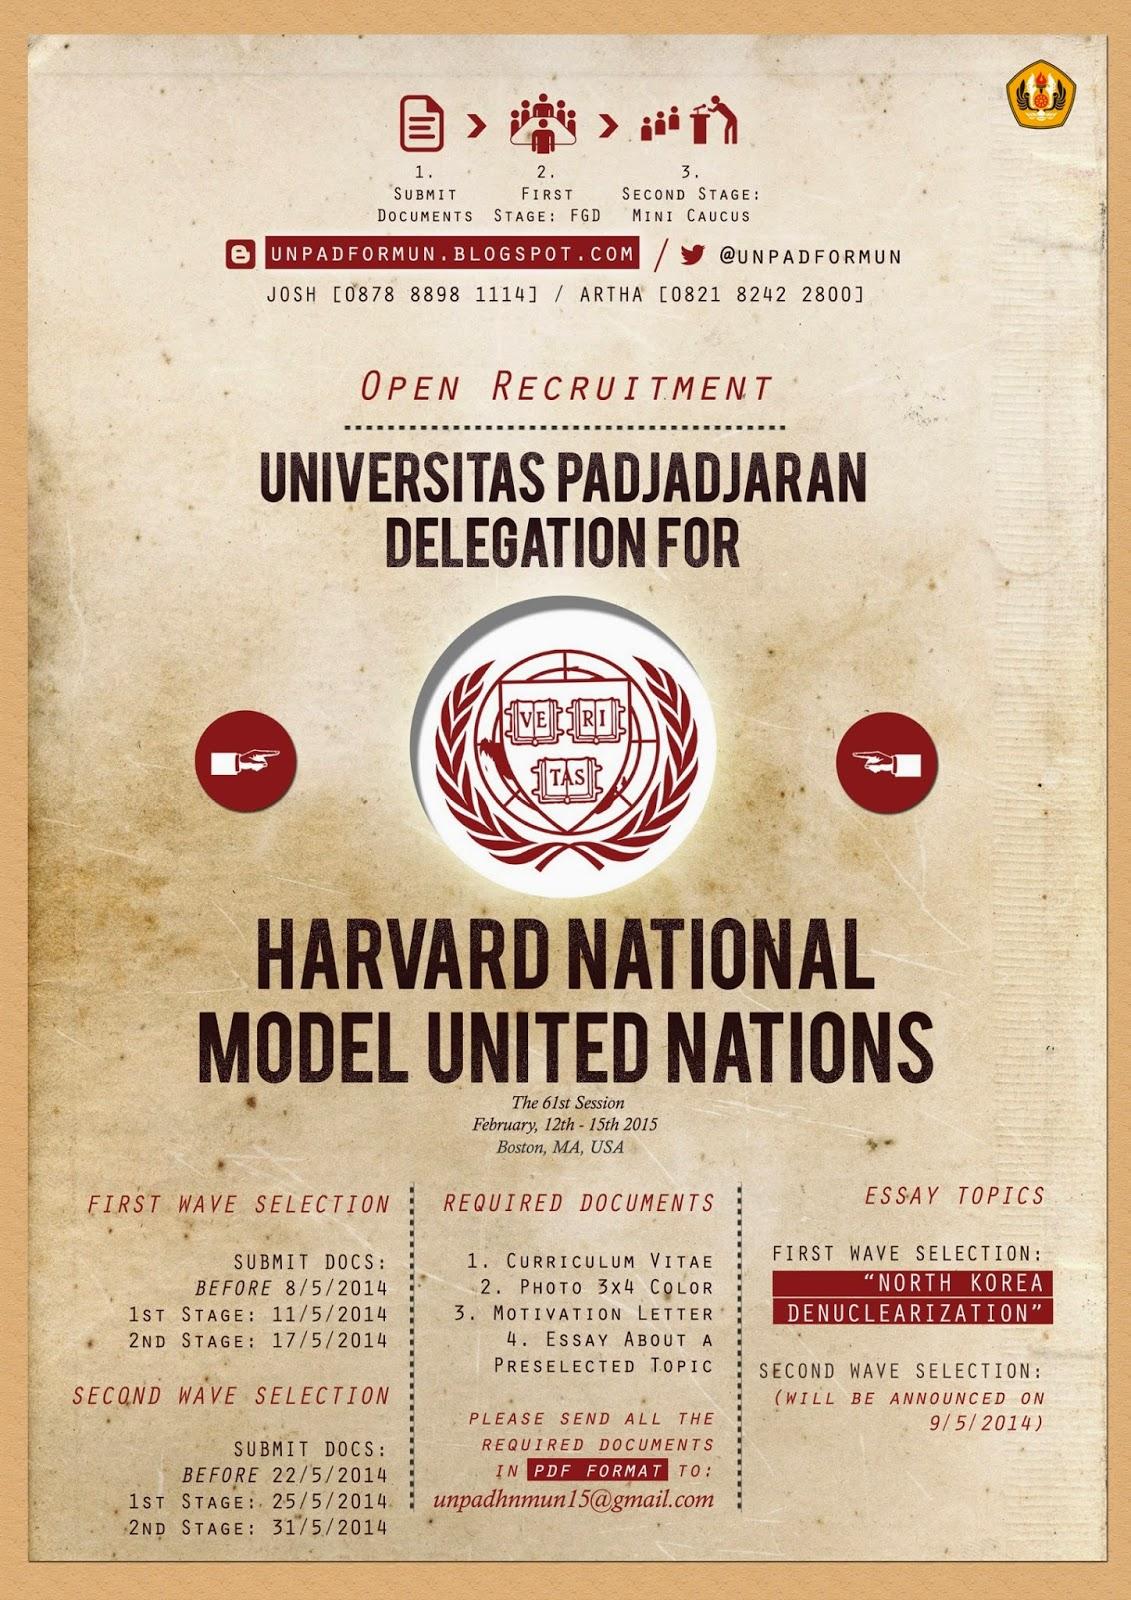 description of harvard model united nations essay